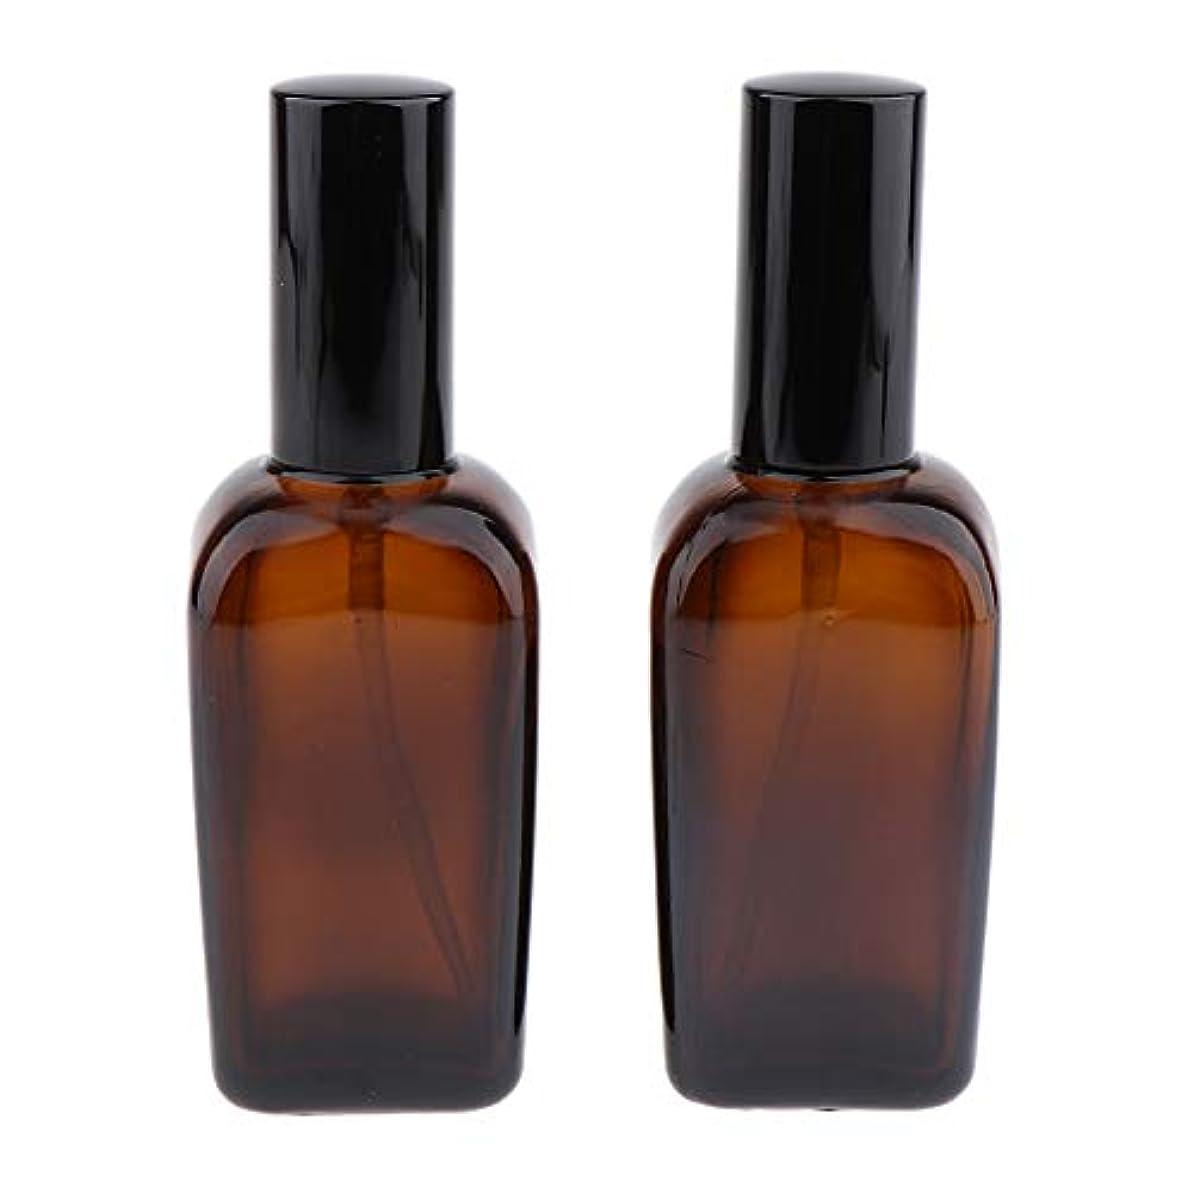 植物学者黒板申込みT TOOYFUL 旅行のための香水のにおいの精油のための2pcsこはく色のガラススプレーのびん - 100ml